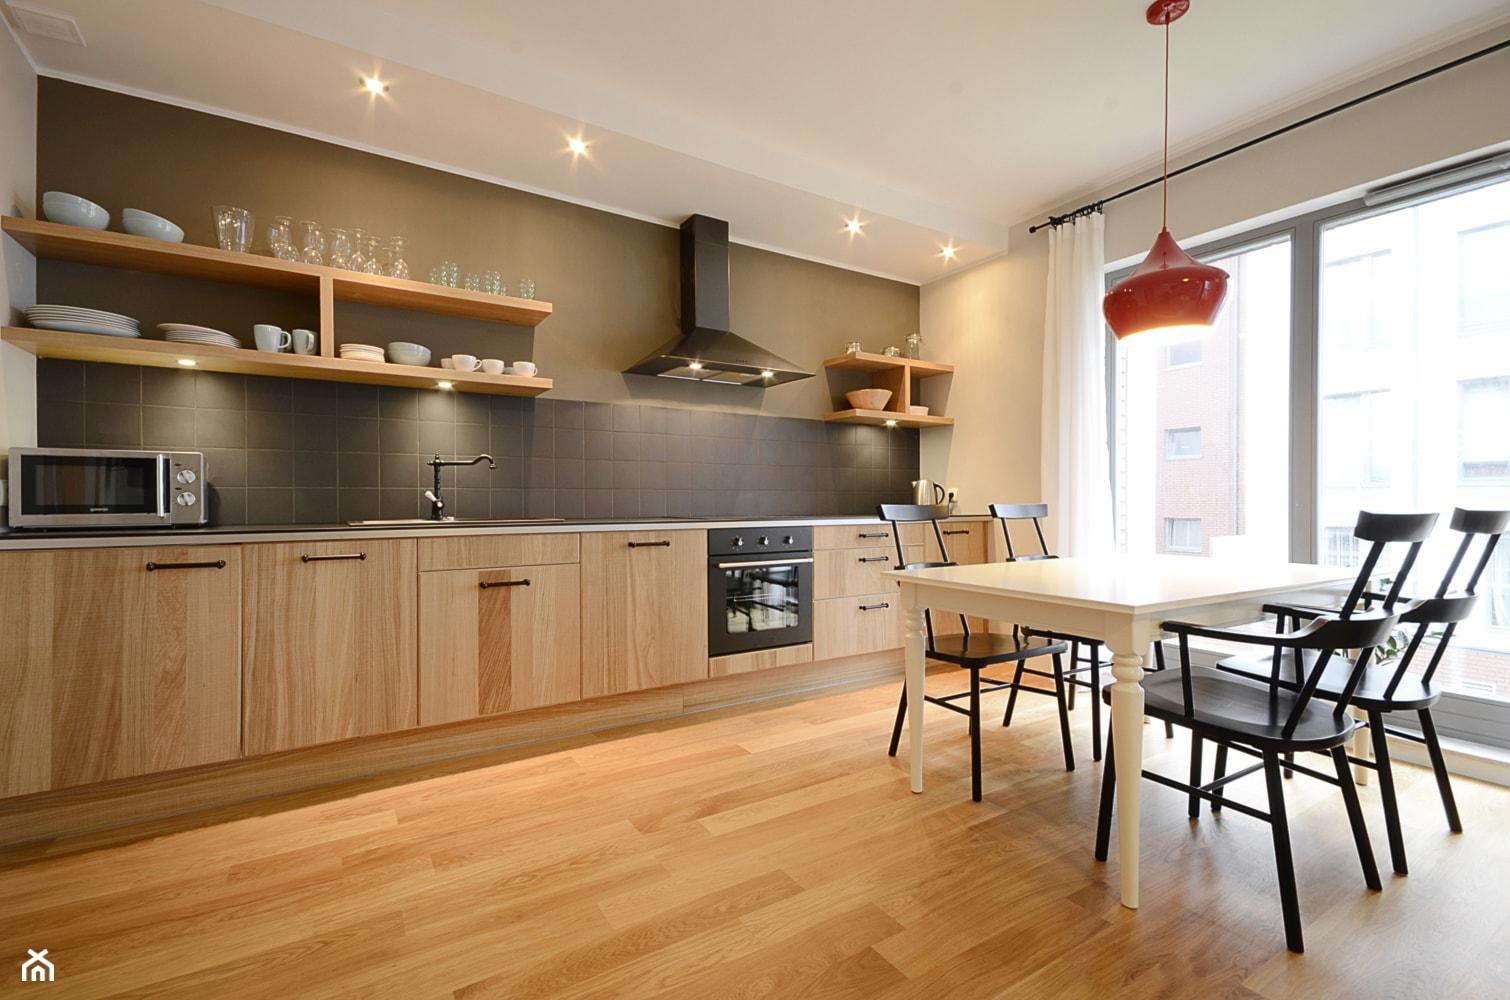 MOTŁAWA - Średnia otwarta biała szara kuchnia jednorzędowa w aneksie, styl skandynawski - zdjęcie od SAFRANOW - Homebook